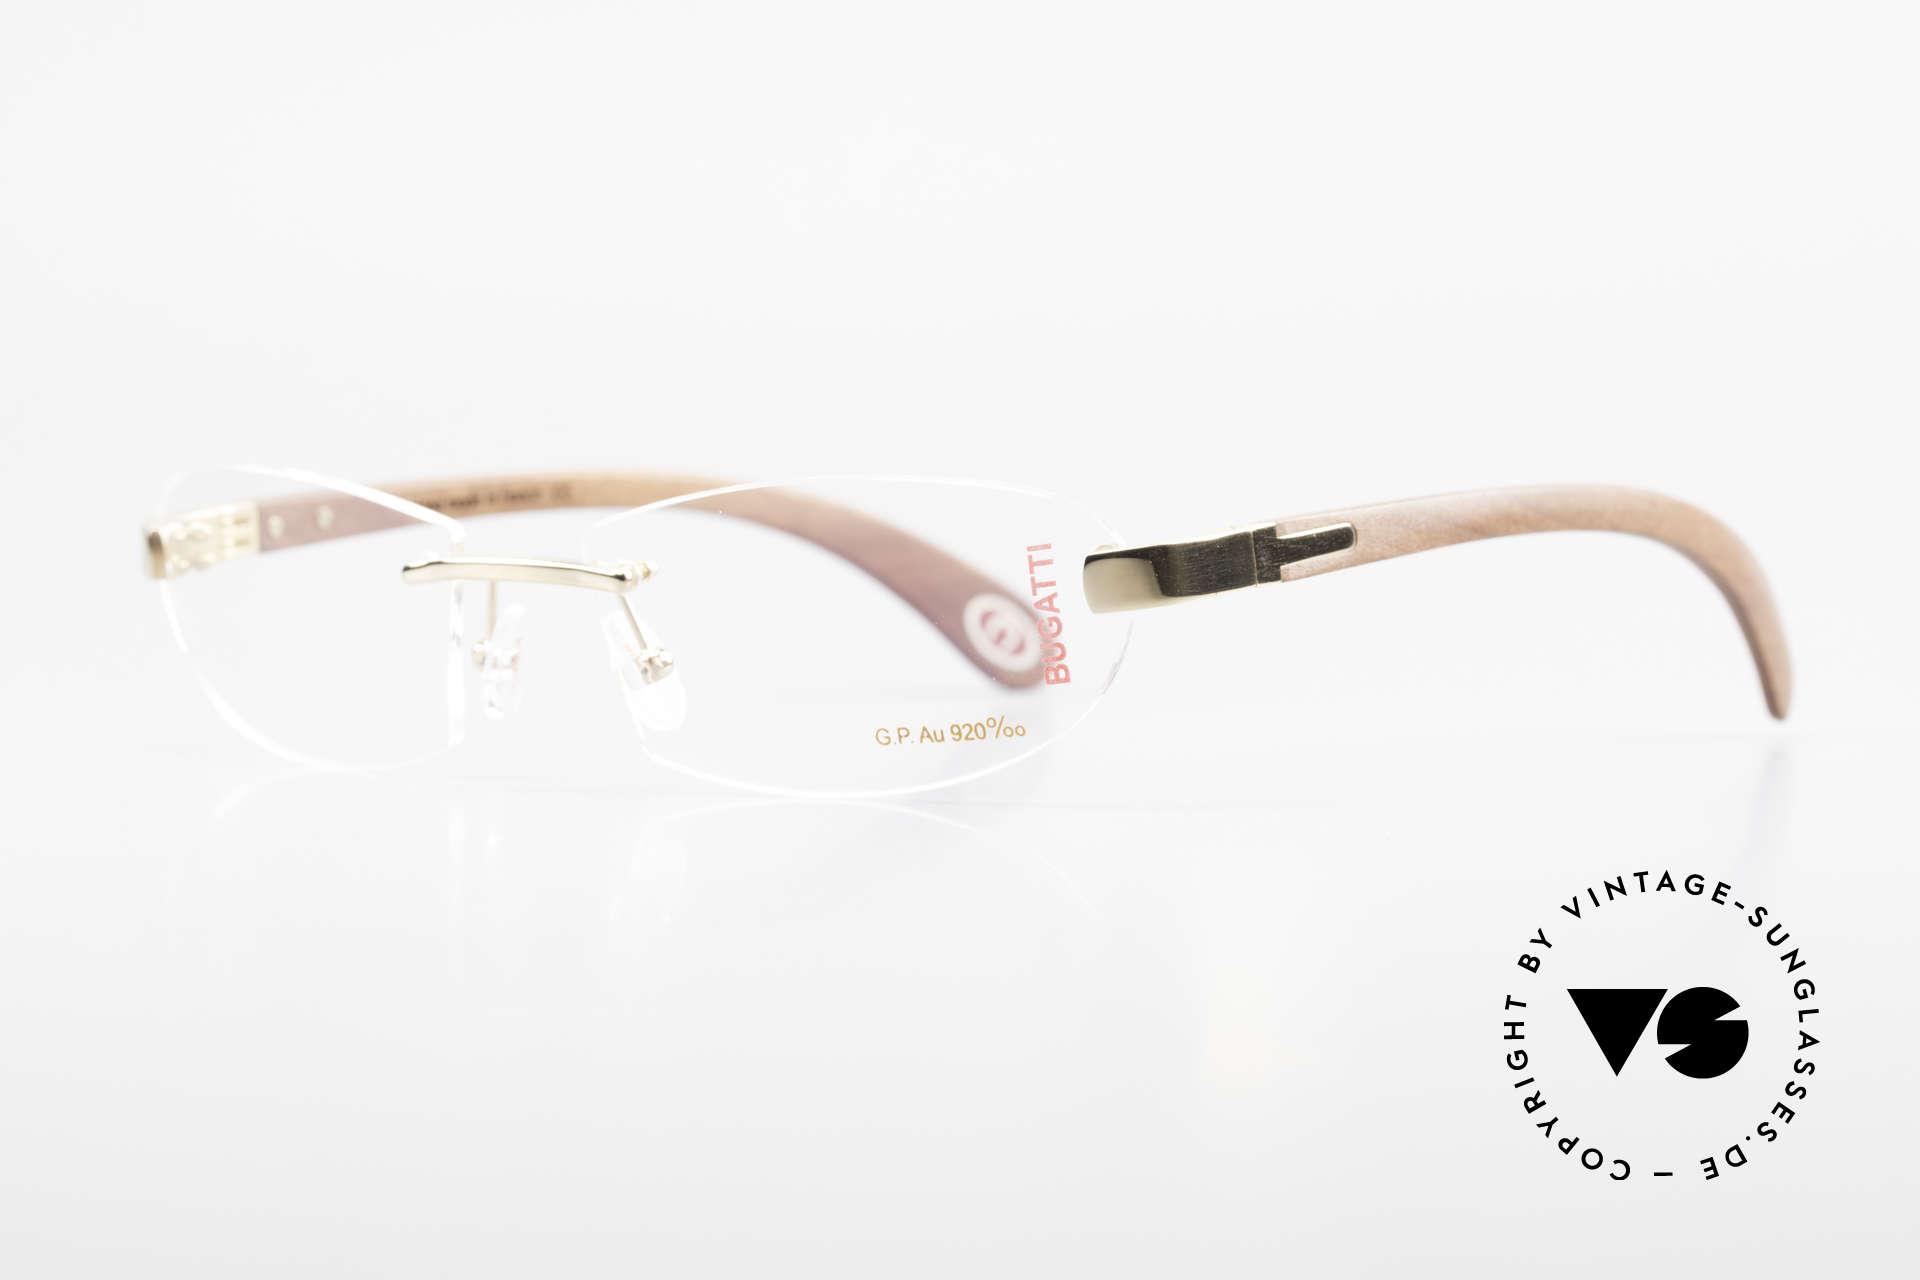 Bugatti 518 Kotibé Edelholz Gold Brille, dieses mahagonifarbene Holz ist sehr leicht & robust, Passend für Herren